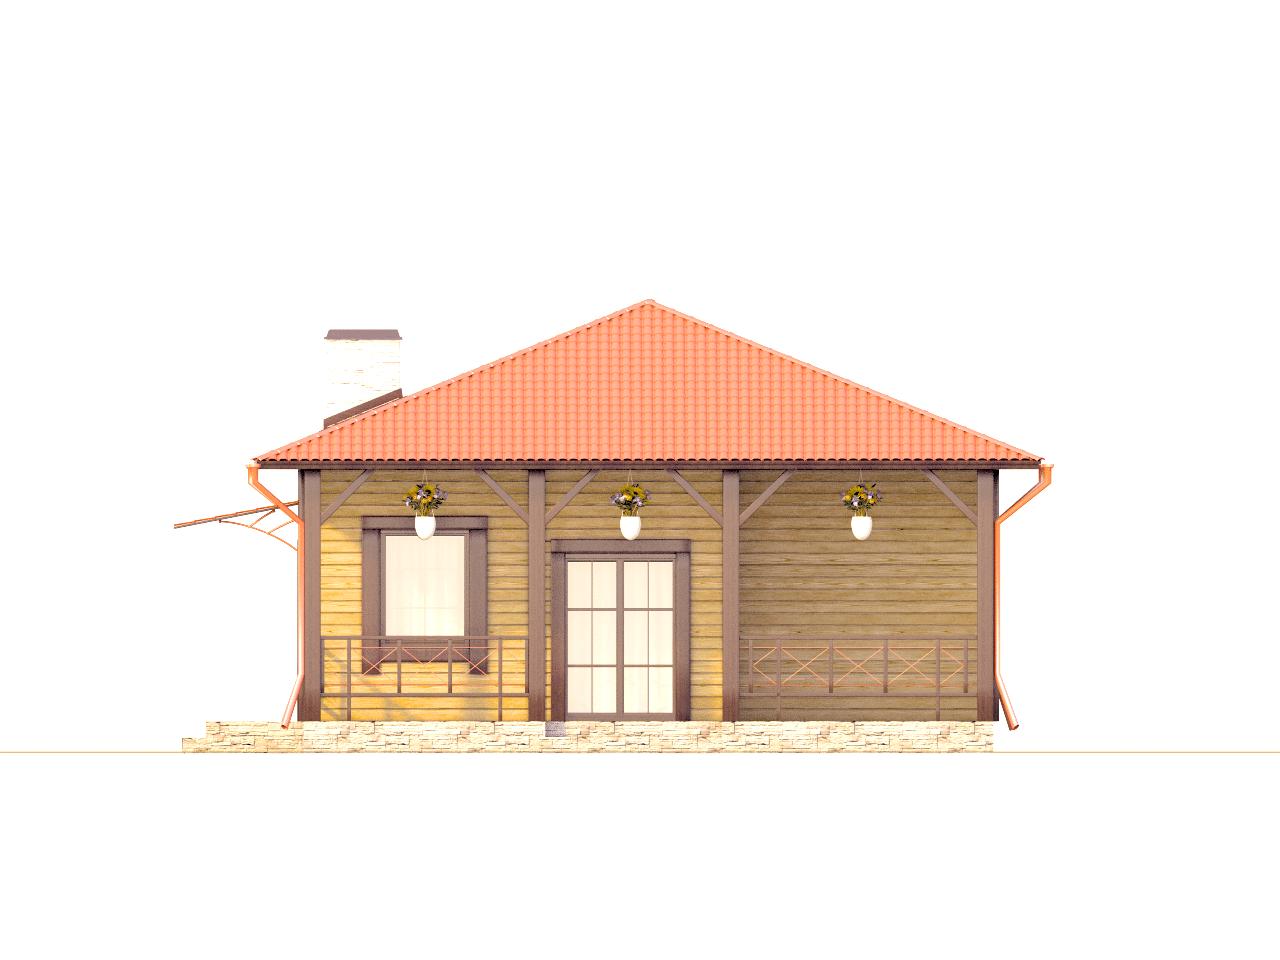 Фасад одноэтажного дома с террасой «КО-73» - сзади